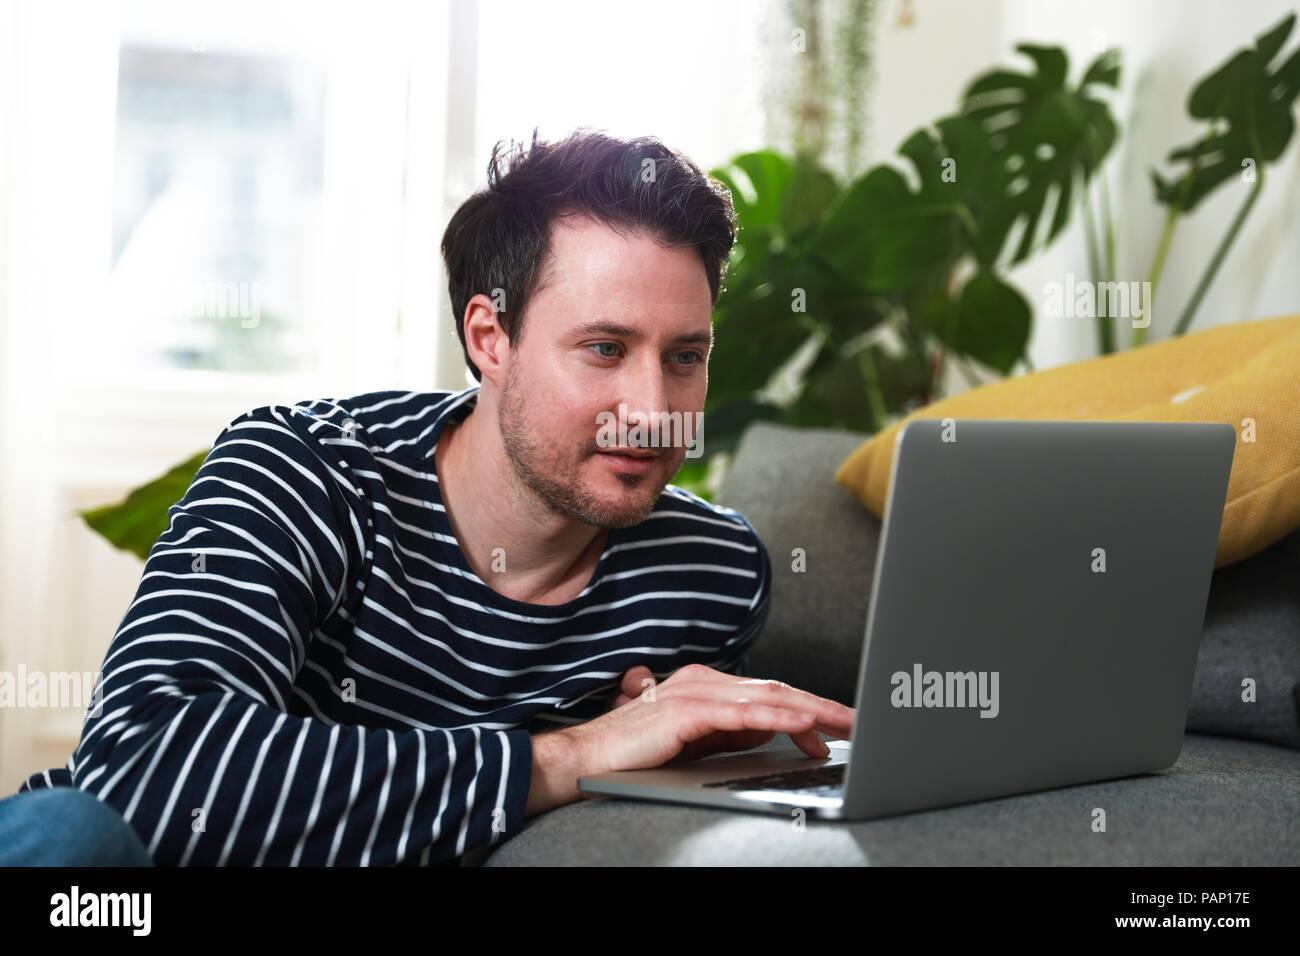 Uomo seduto a casa, utilizzando laptop Immagini Stock